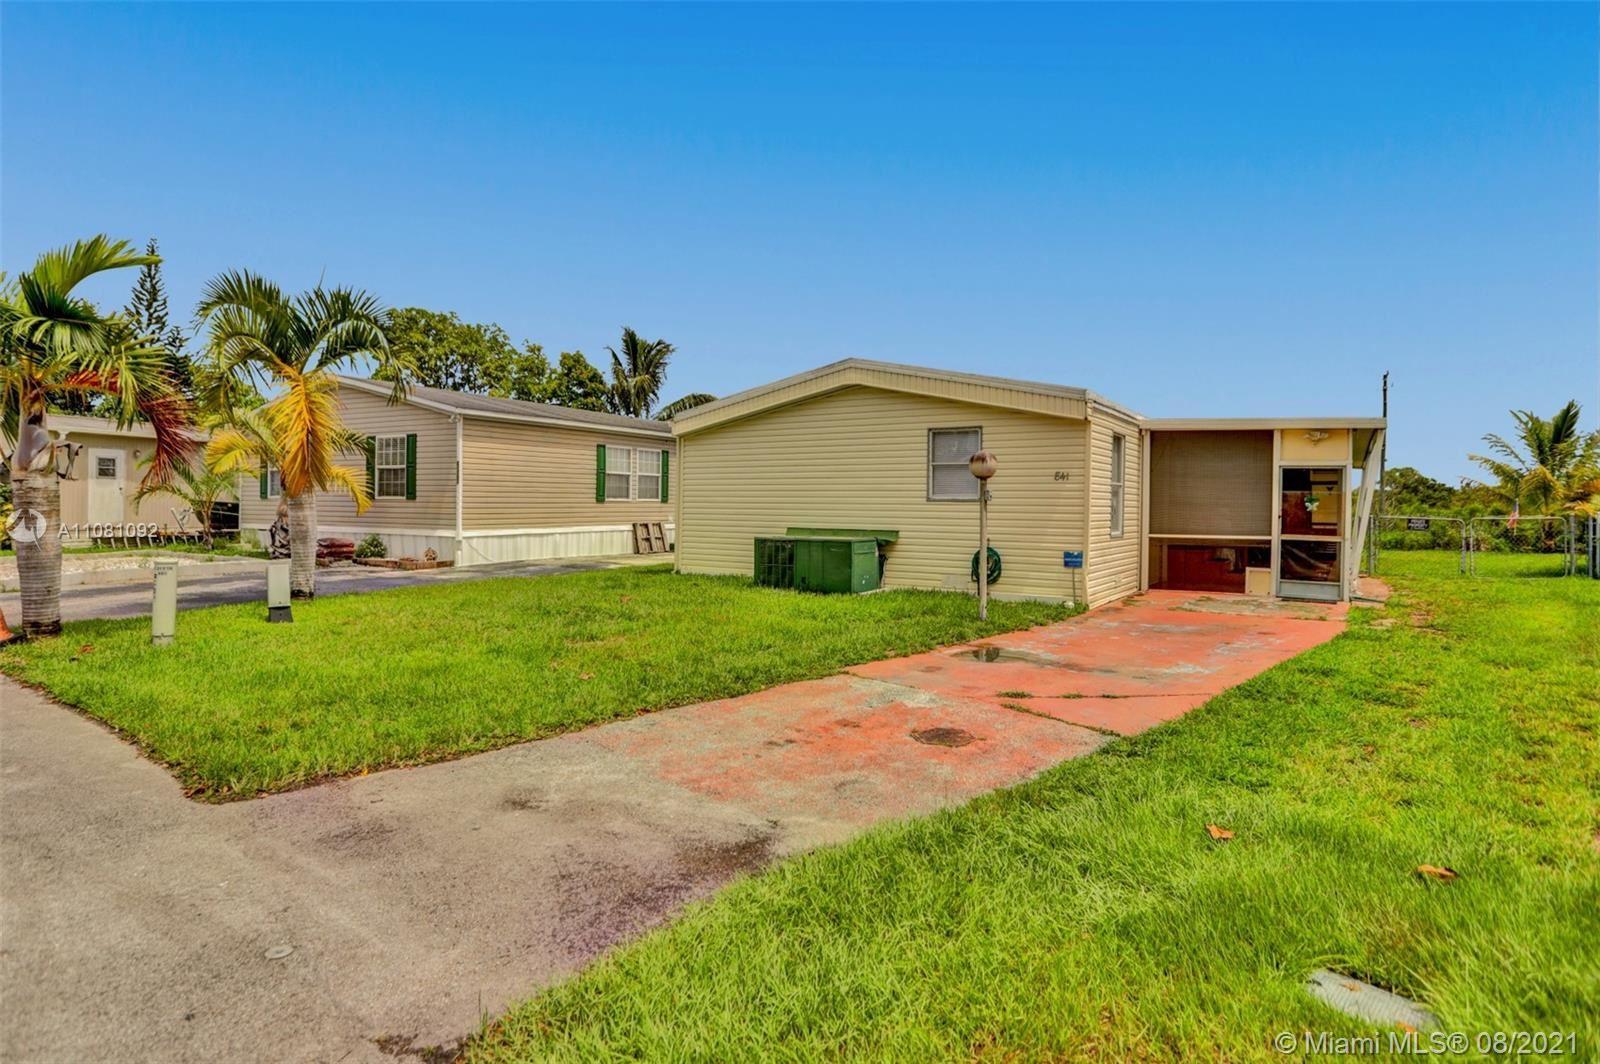 841 NW 217th Way, Pembroke Pines, FL 33029 - #: A11081092